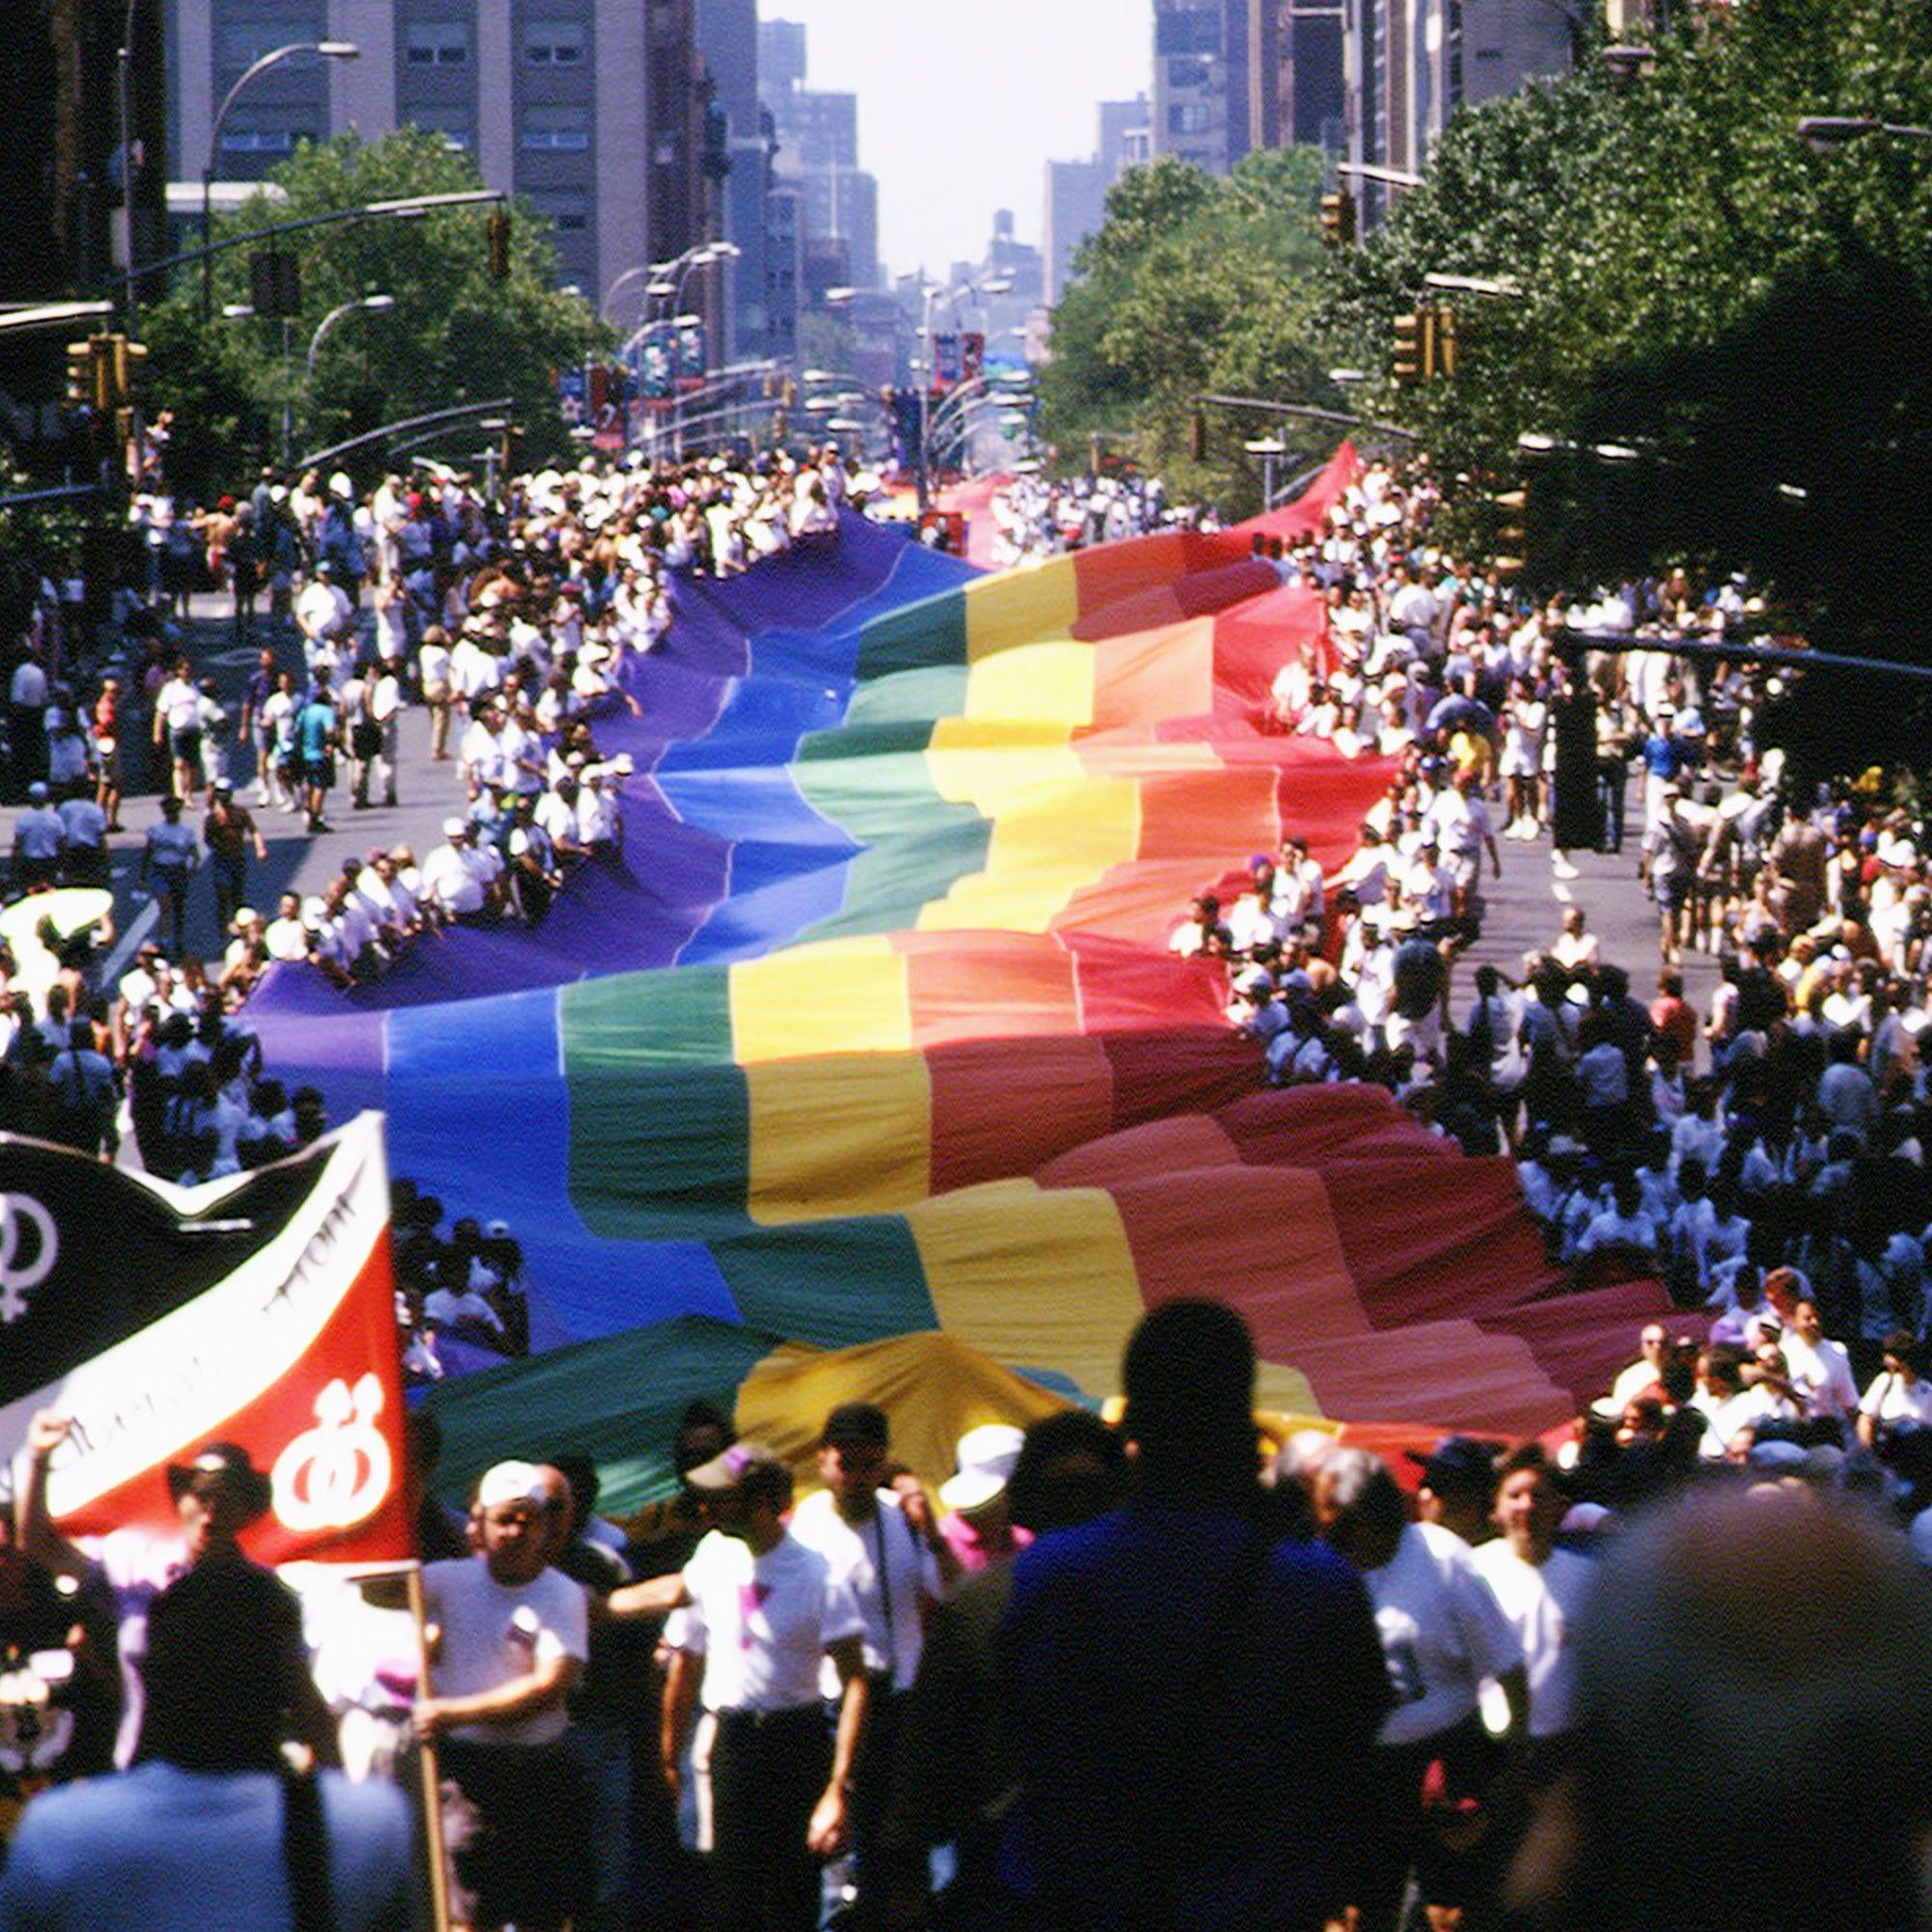 site de rencontre des gay pride a Montrouge